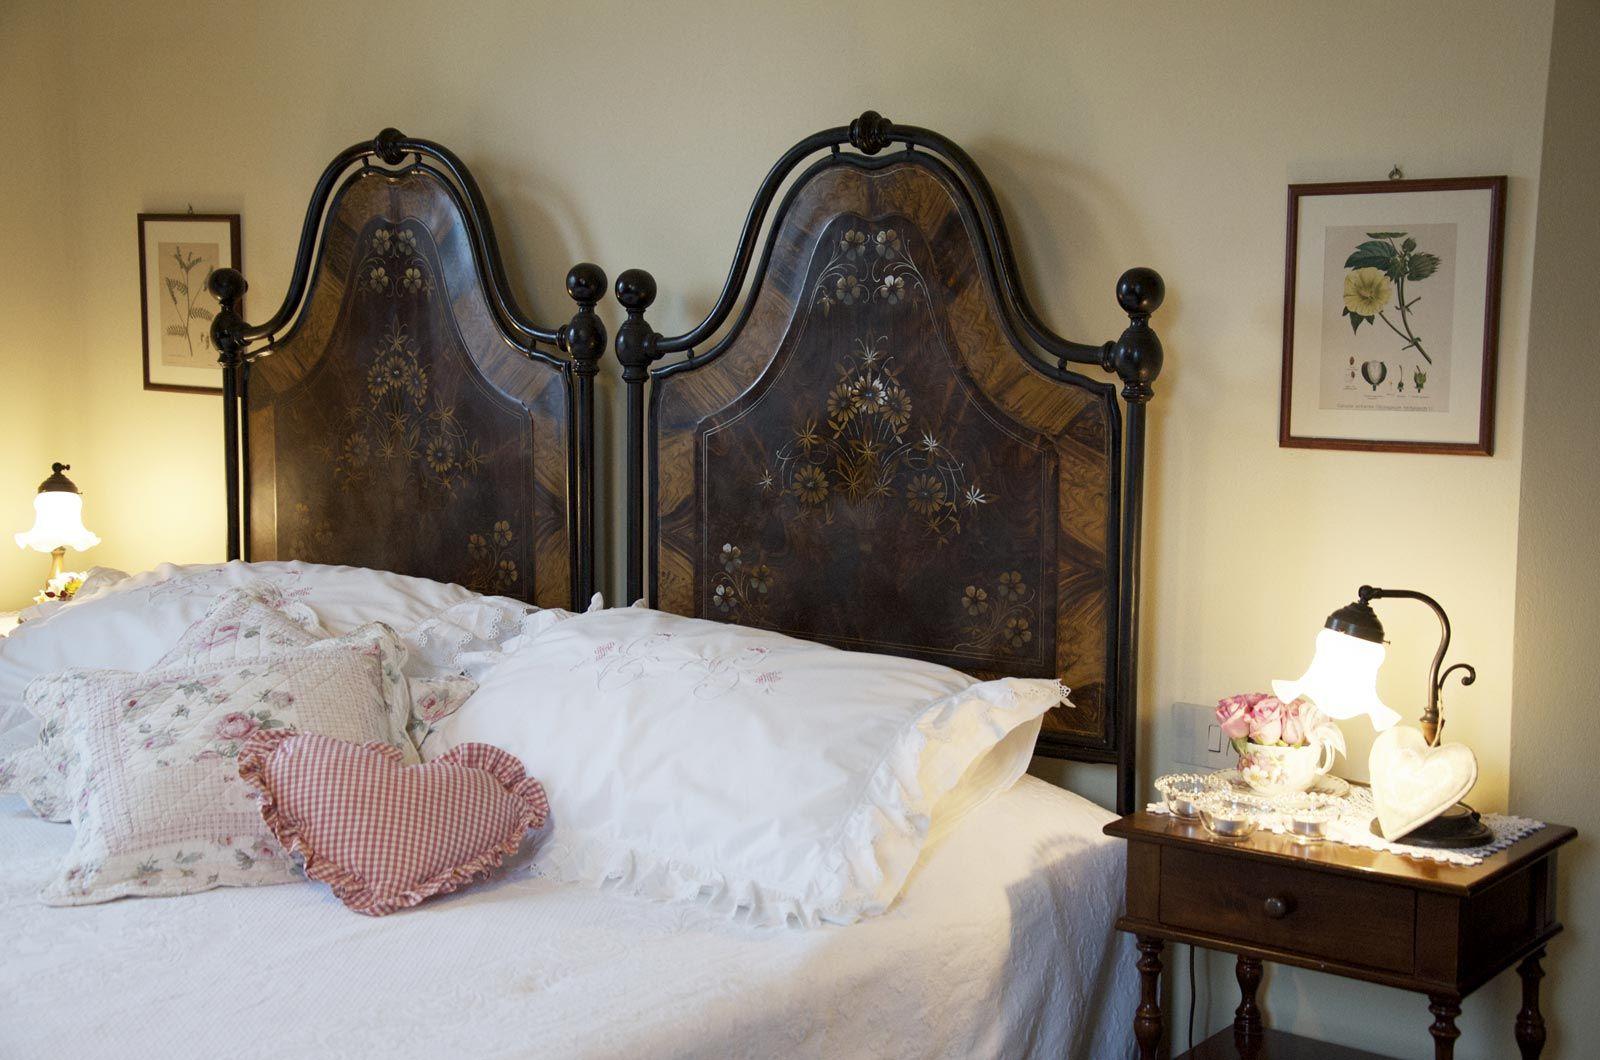 bed and breakfast | Idee per la stanza da letto, Stanza da ...